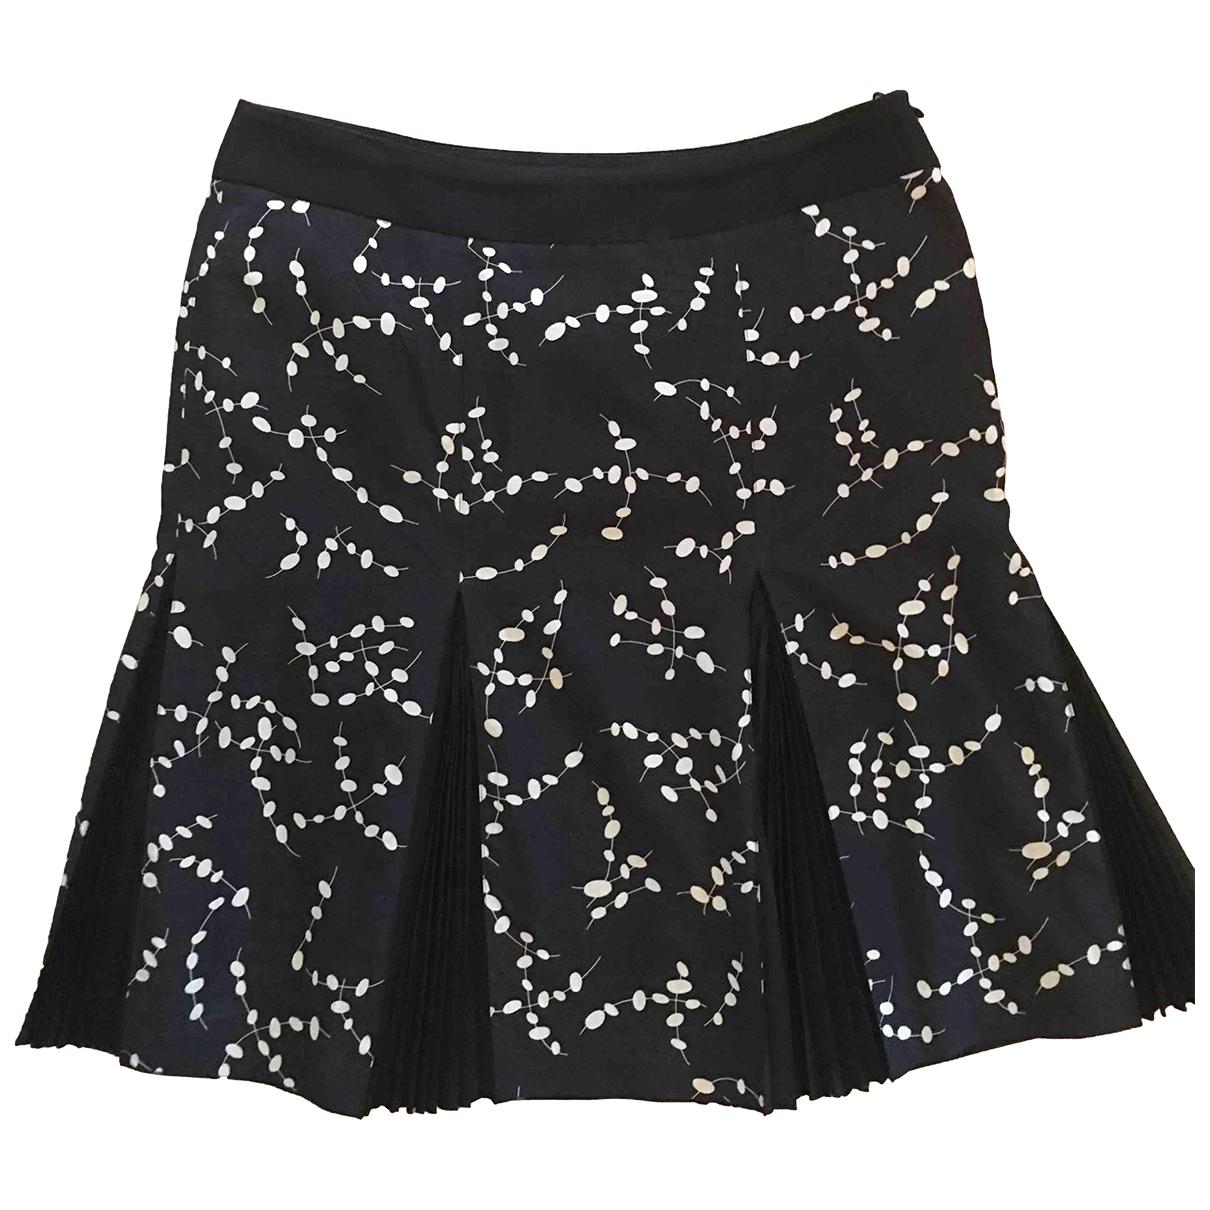 Emporio Armani \N Black Cotton - elasthane skirt for Women 44 IT